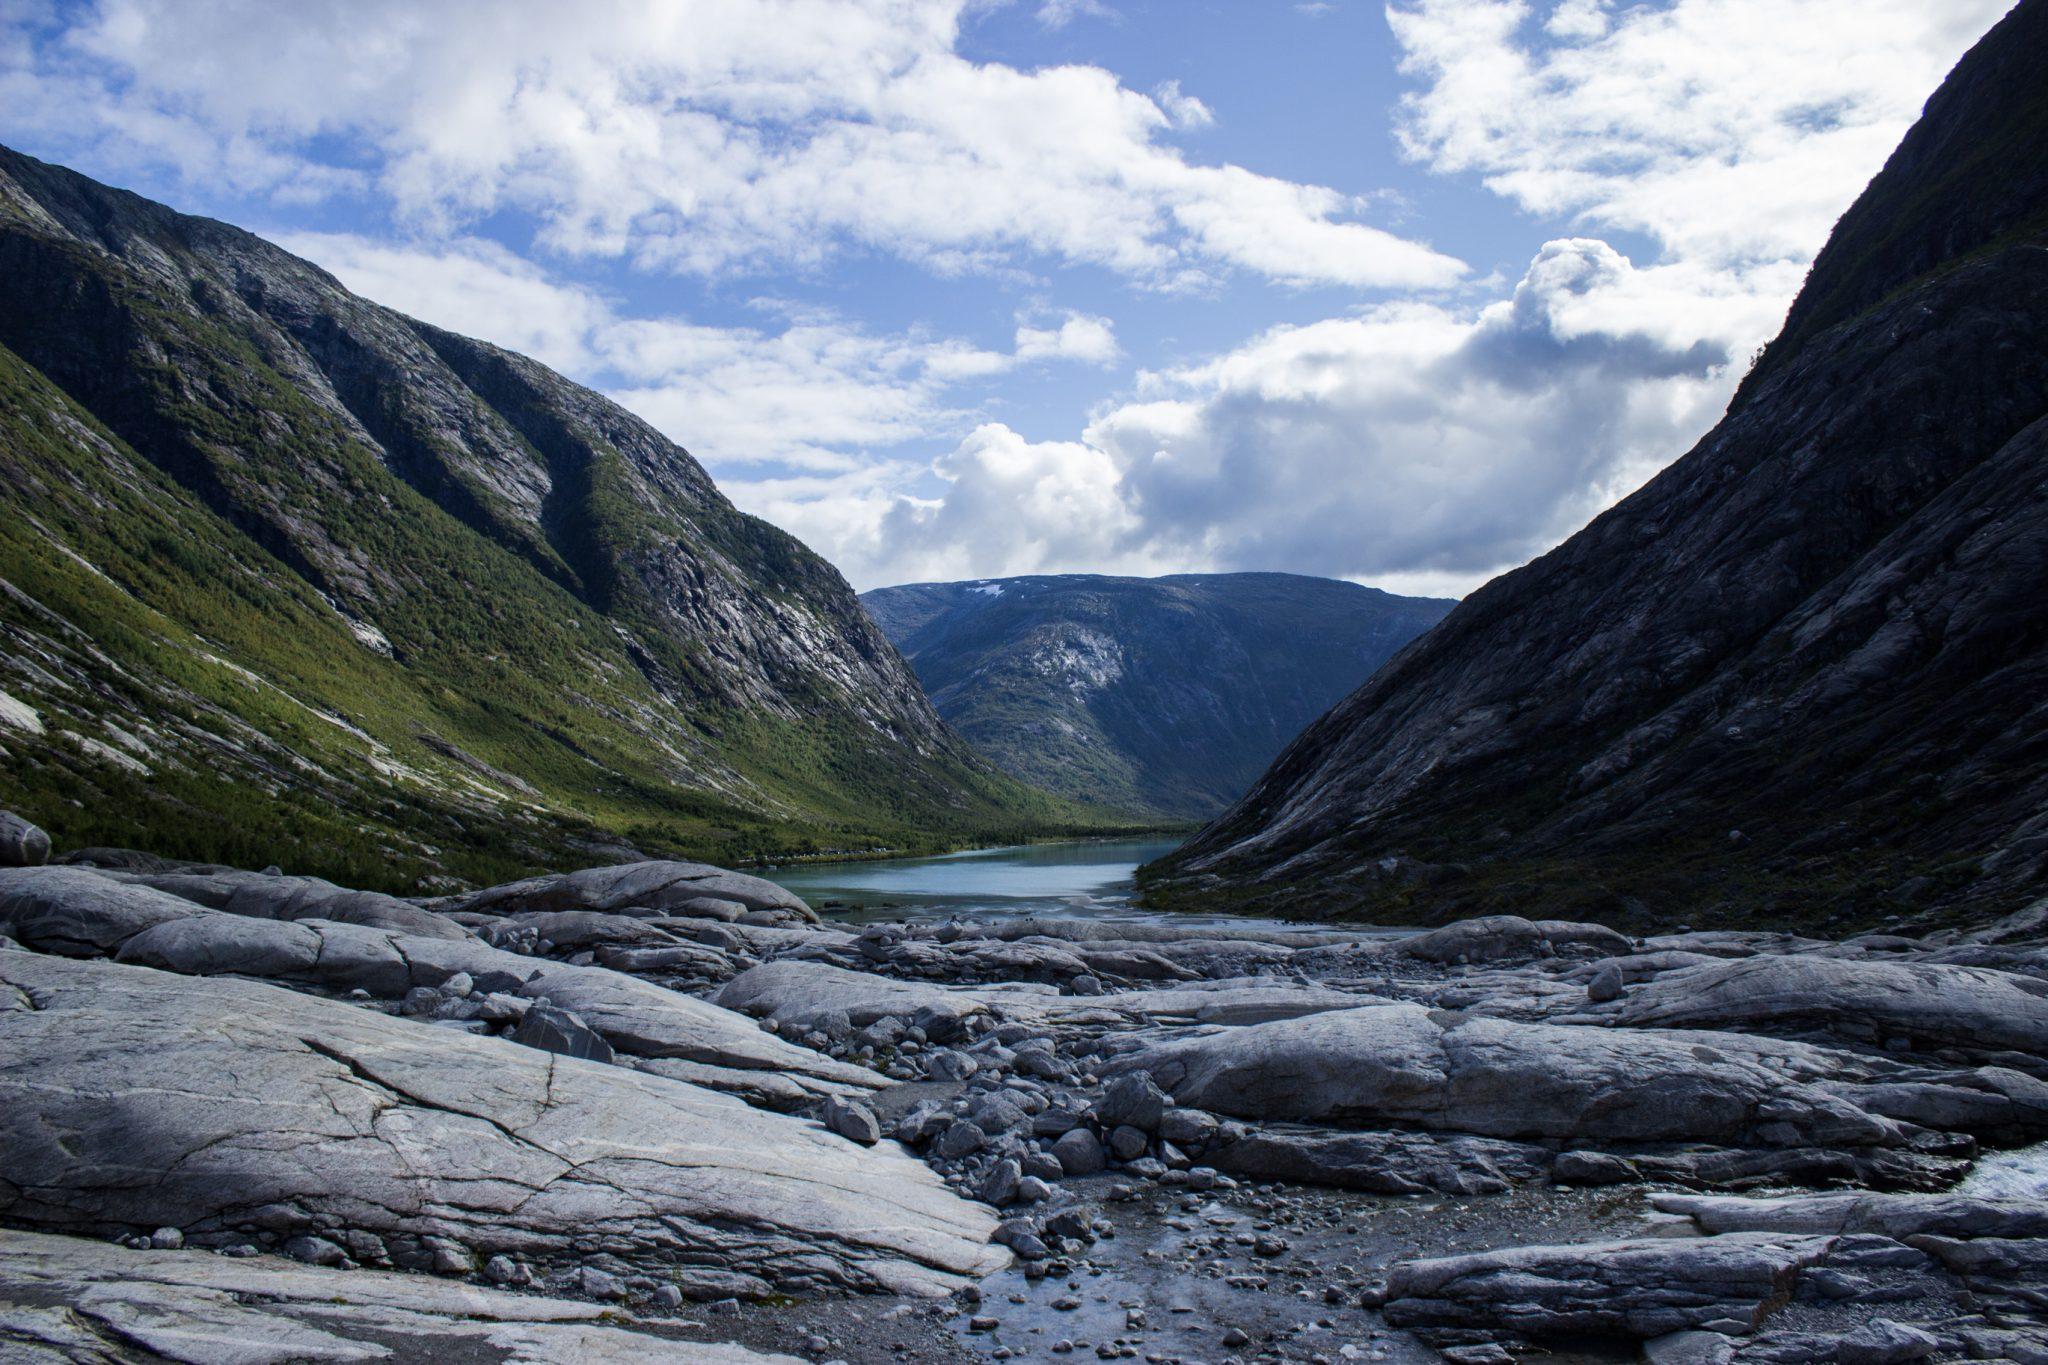 Wanderung Gletscher Nigardsbreen im Jostedalsbreen Nationalpark, Blick vom Gletscher Richtung gespeistem Fluß und See, traumhafte Landschaft